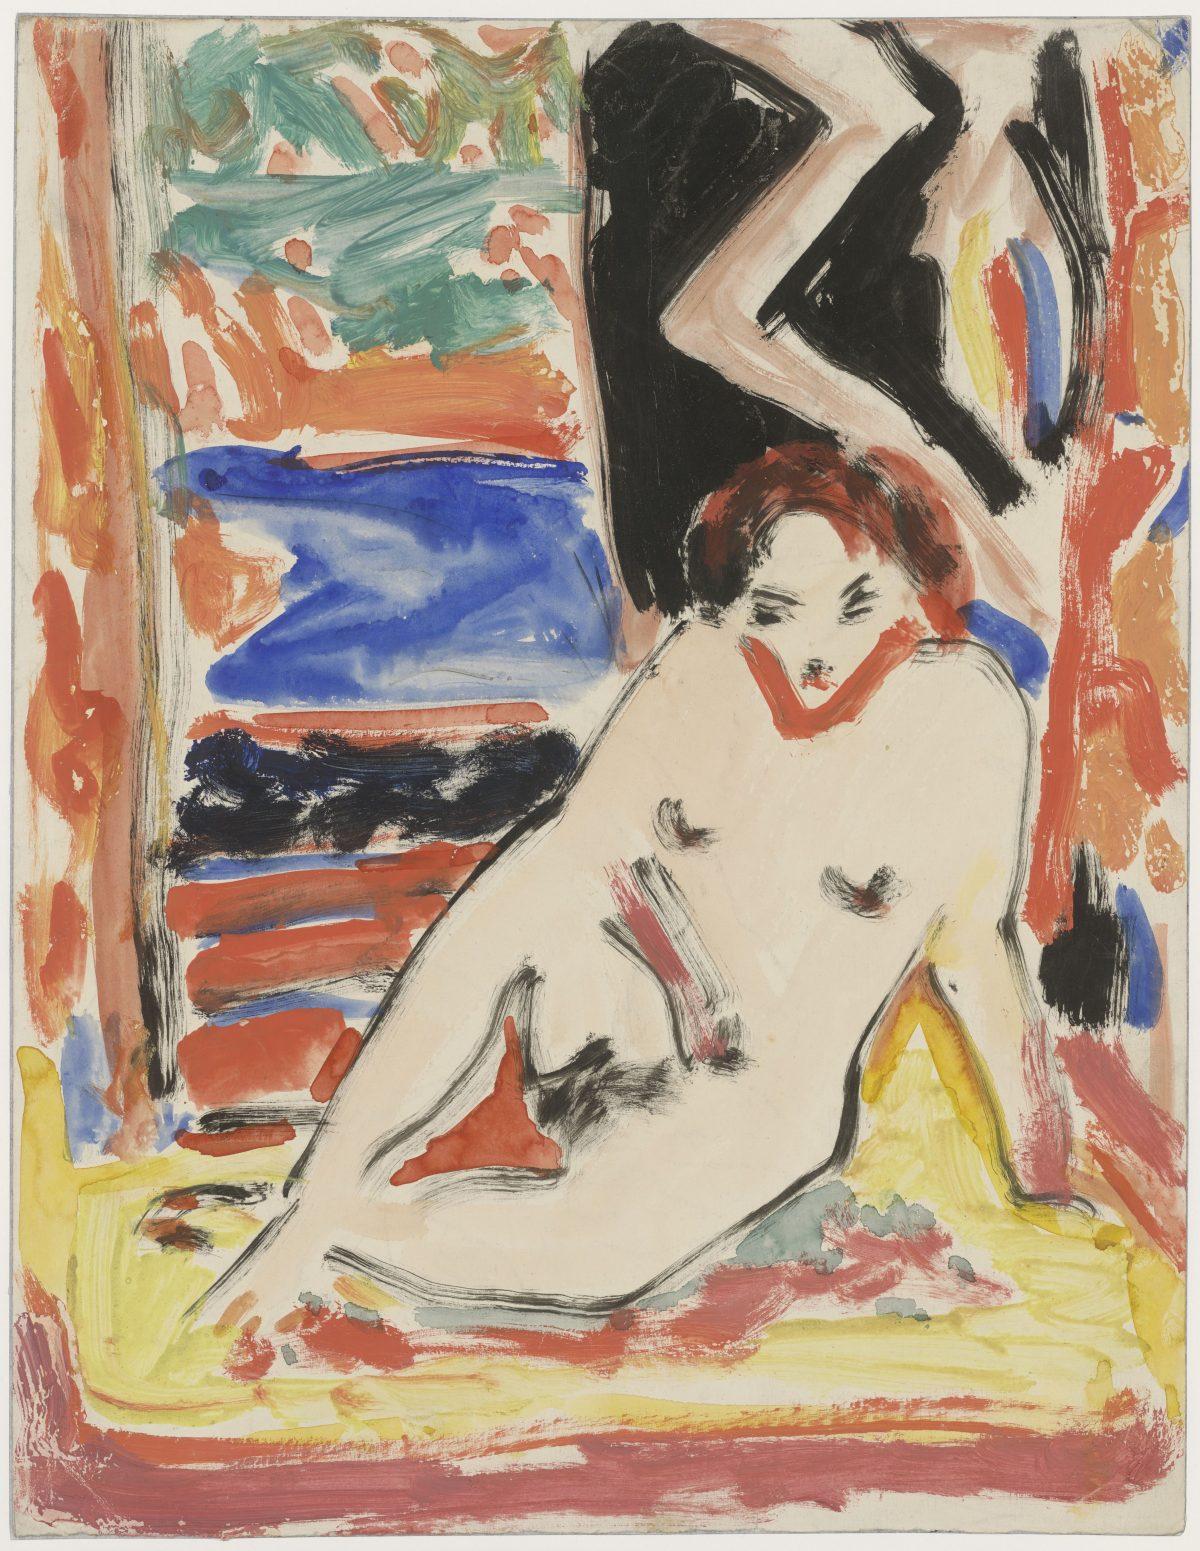 Ernst Ludwig Kirchner, recto: Mädchenakt im Interieur (Fränzi?), um 1910, Aquarell und Deckfarben, 450 x 350 mm © Staatliche Graphische Sammlung München